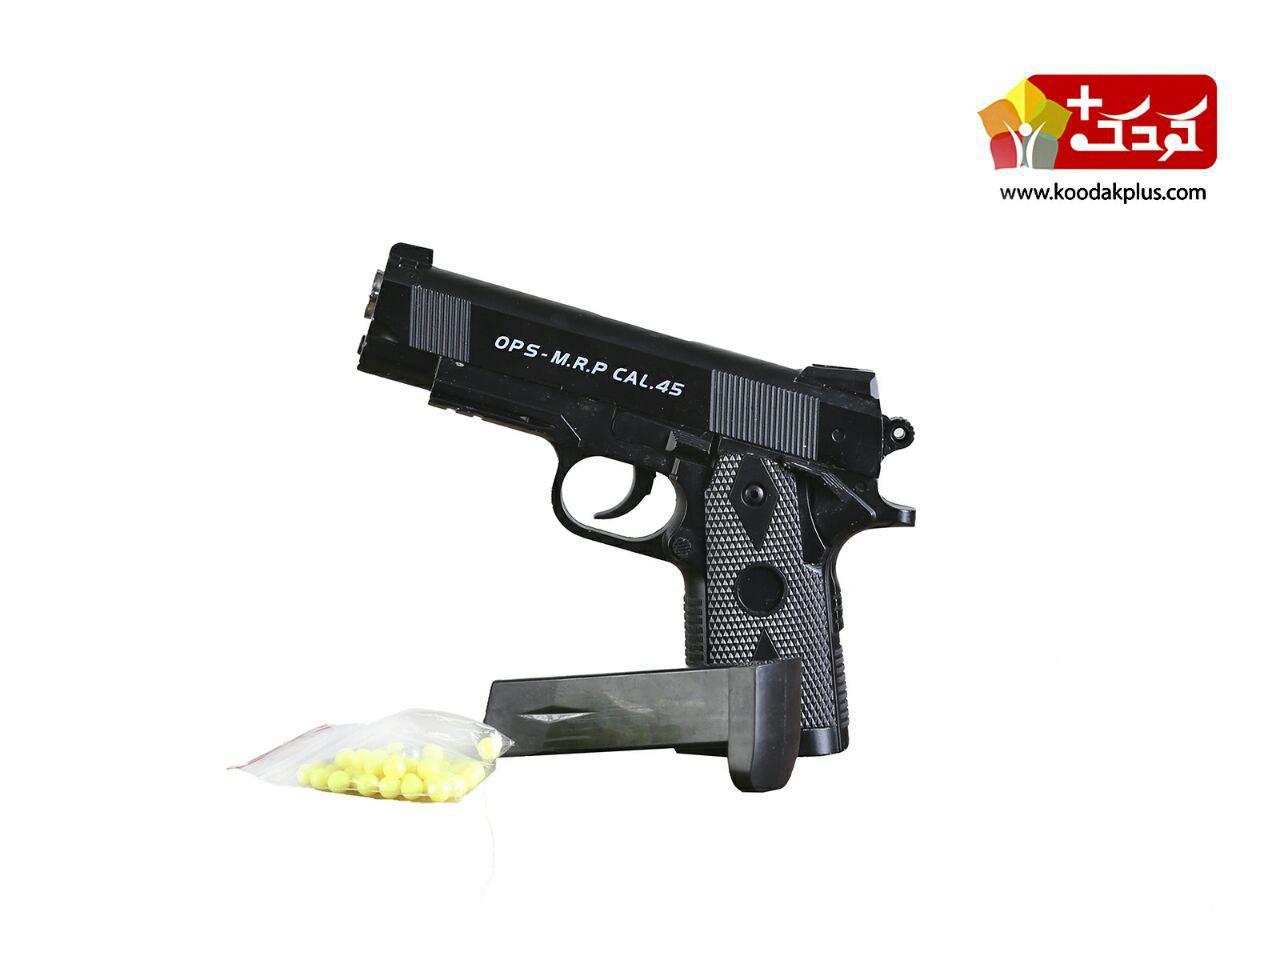 تفنگ فلزی تیر پرتابی ساچمه ای مدل airsoft gun c9